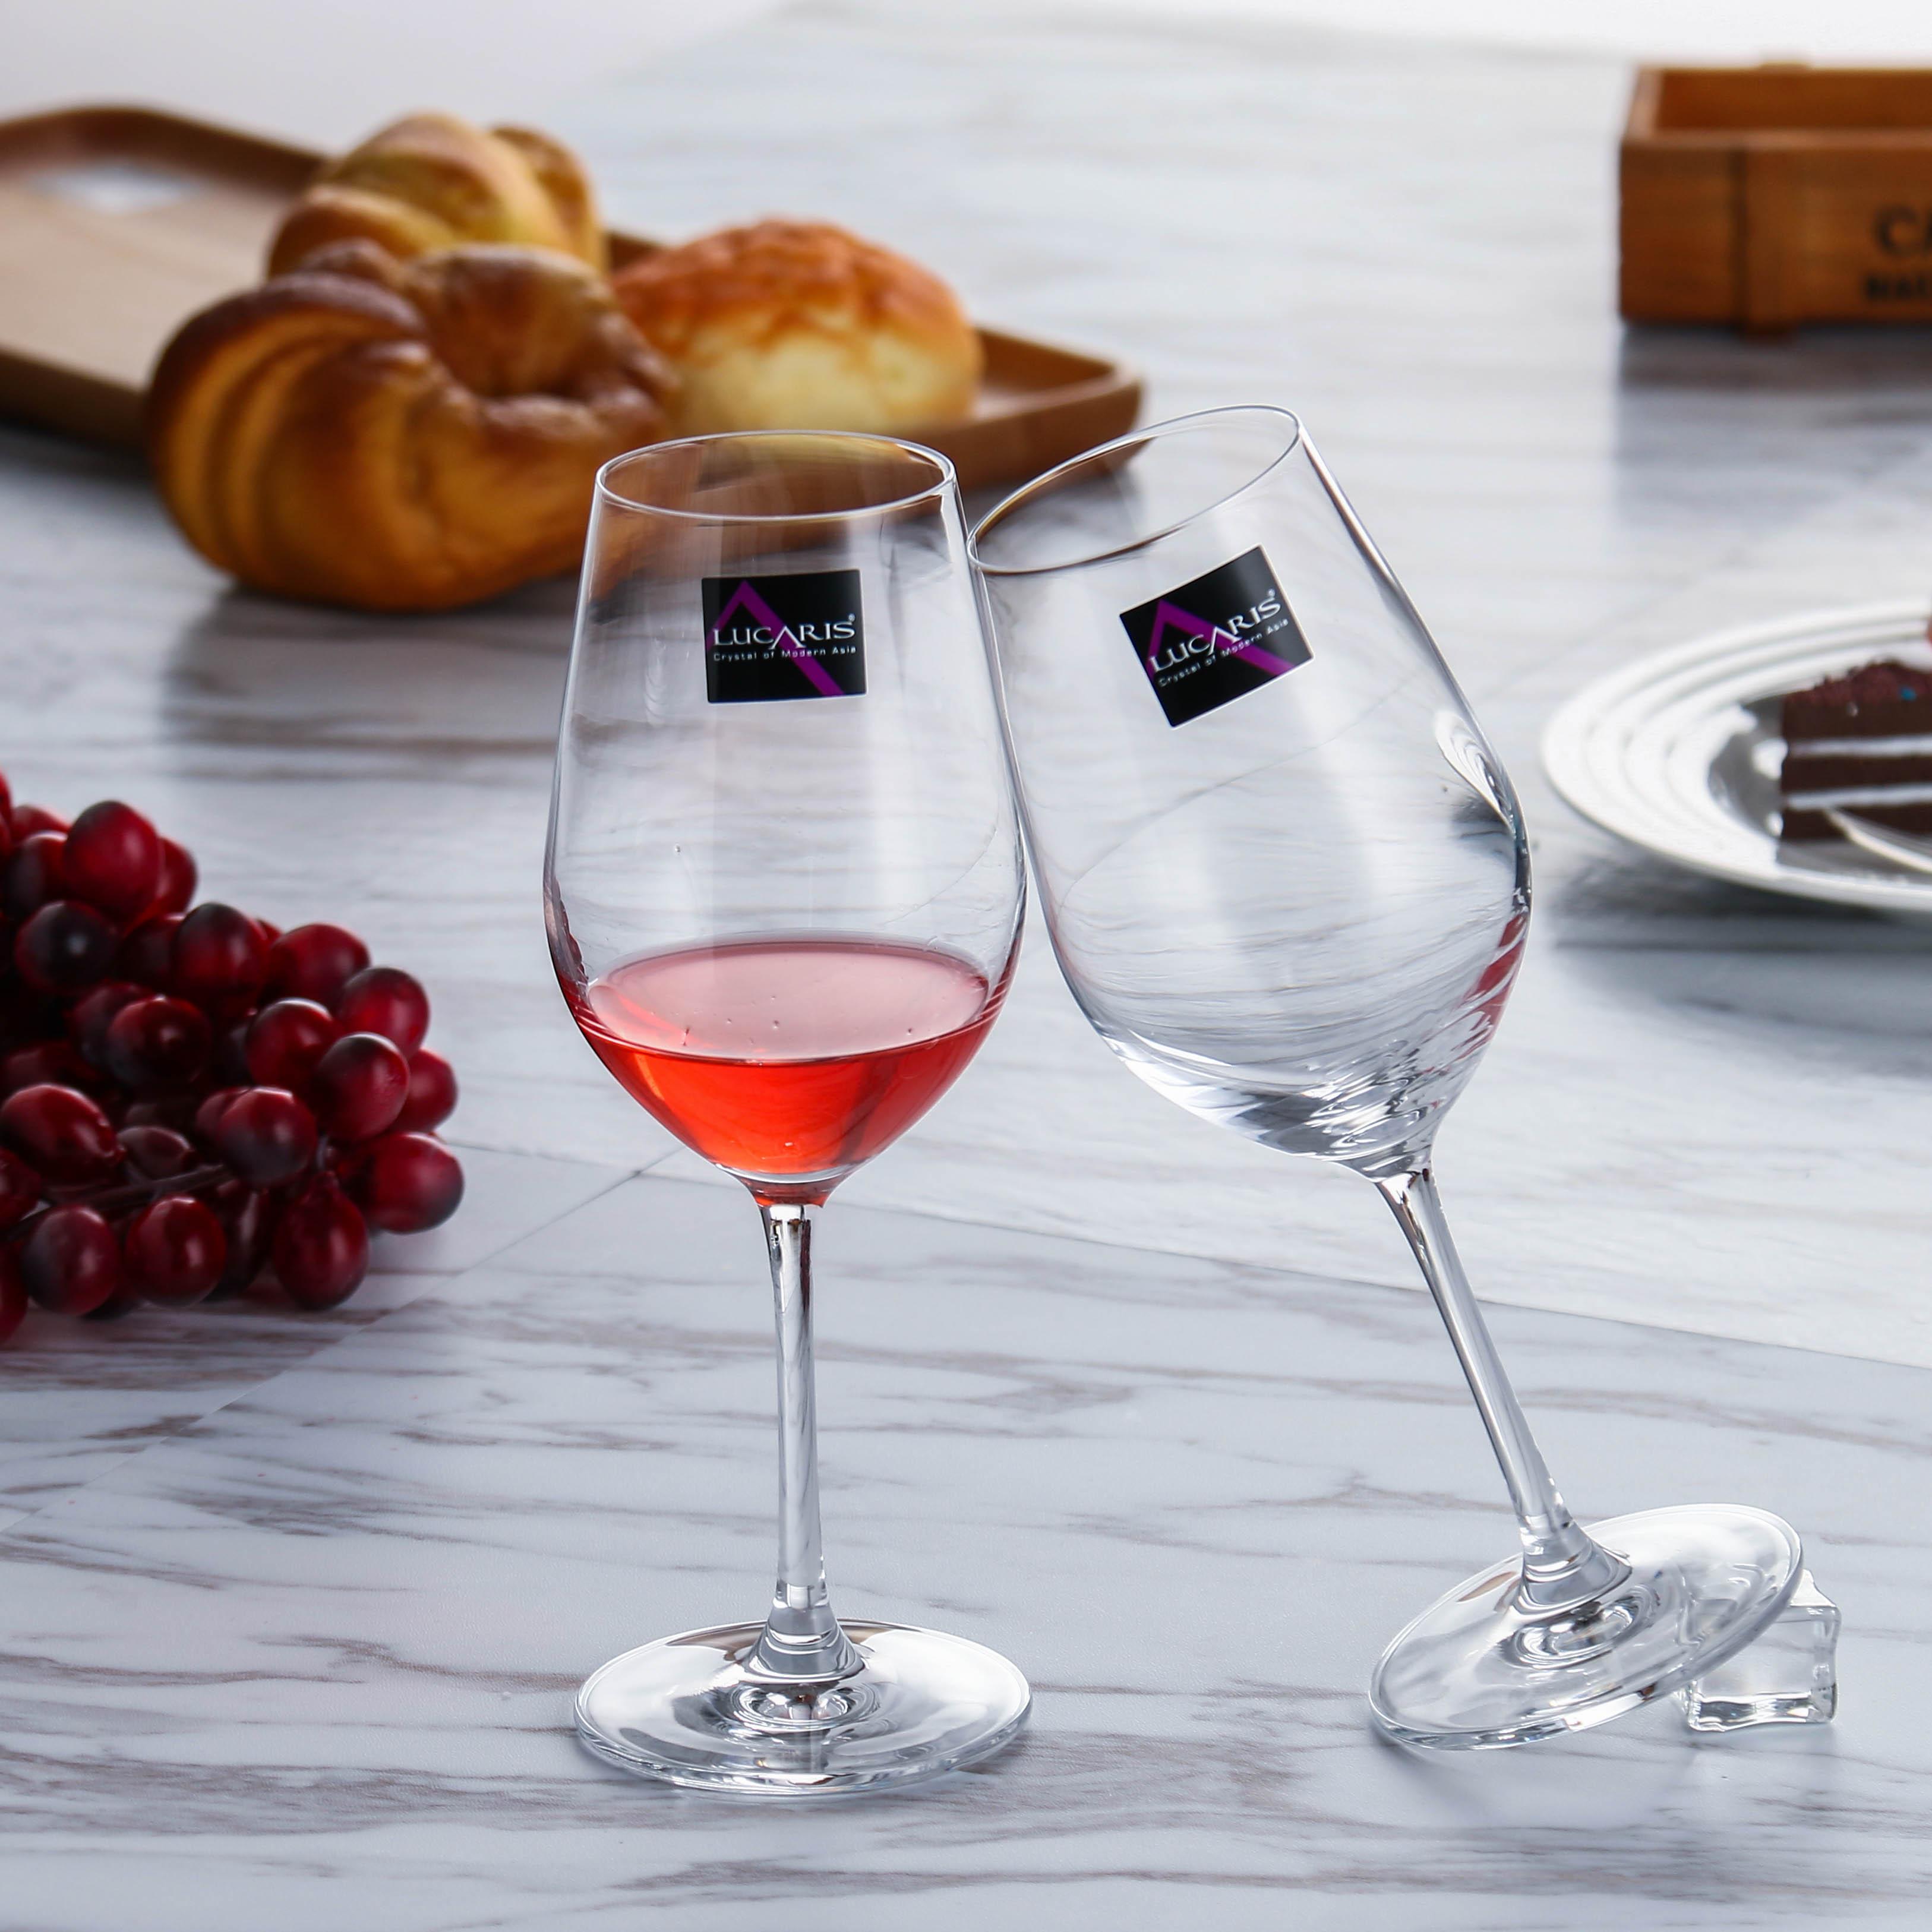 Lucaris进口红酒杯 水晶套装家用高脚杯子醒酒器杯架葡萄酒杯6只